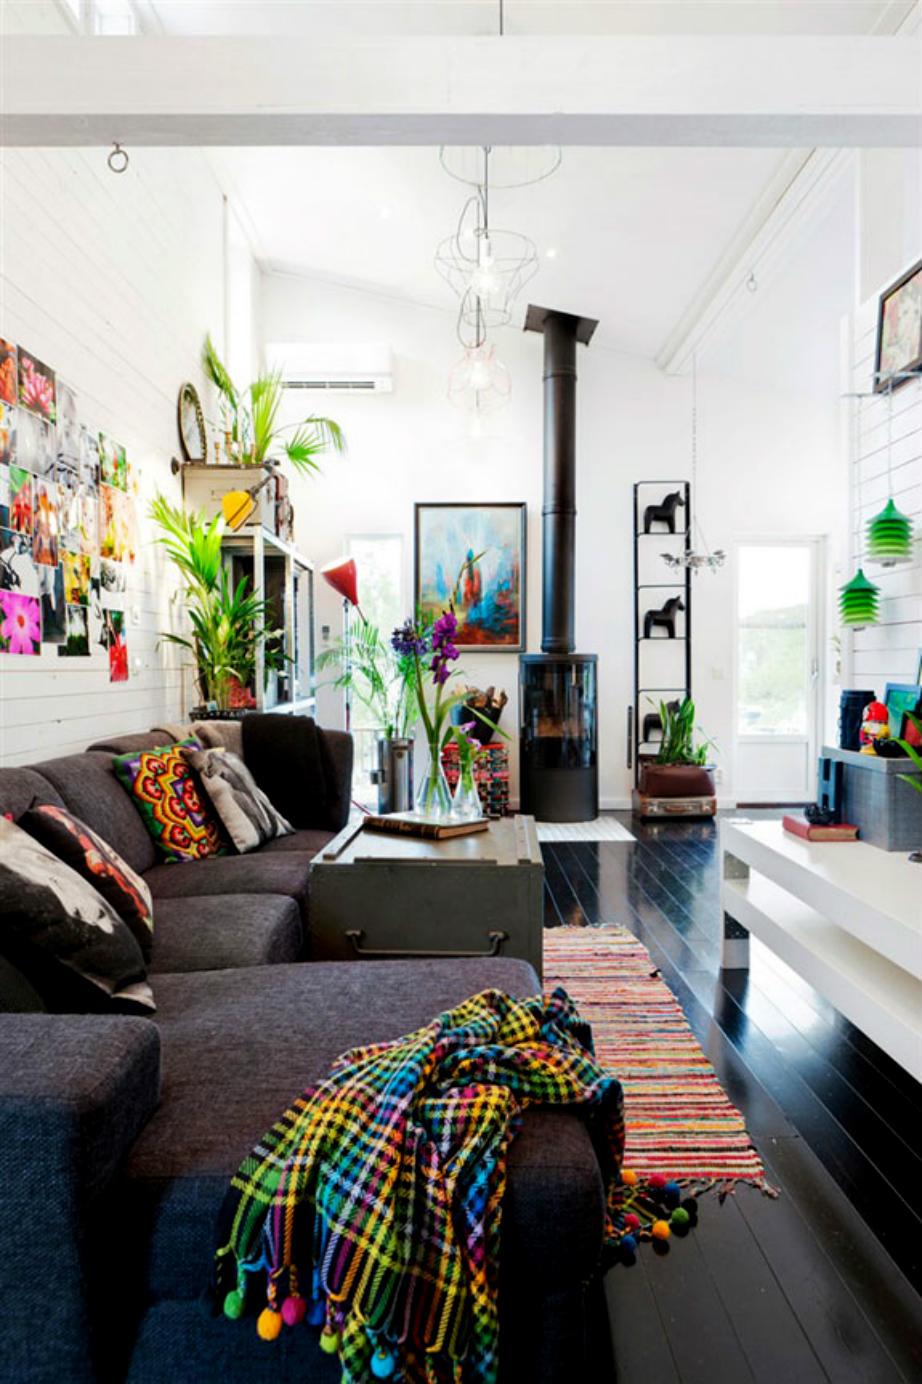 Ένας σκουρόχρωμος καναπές δημιουργεί αίσθηση συνέχειας στο χώρο σας.